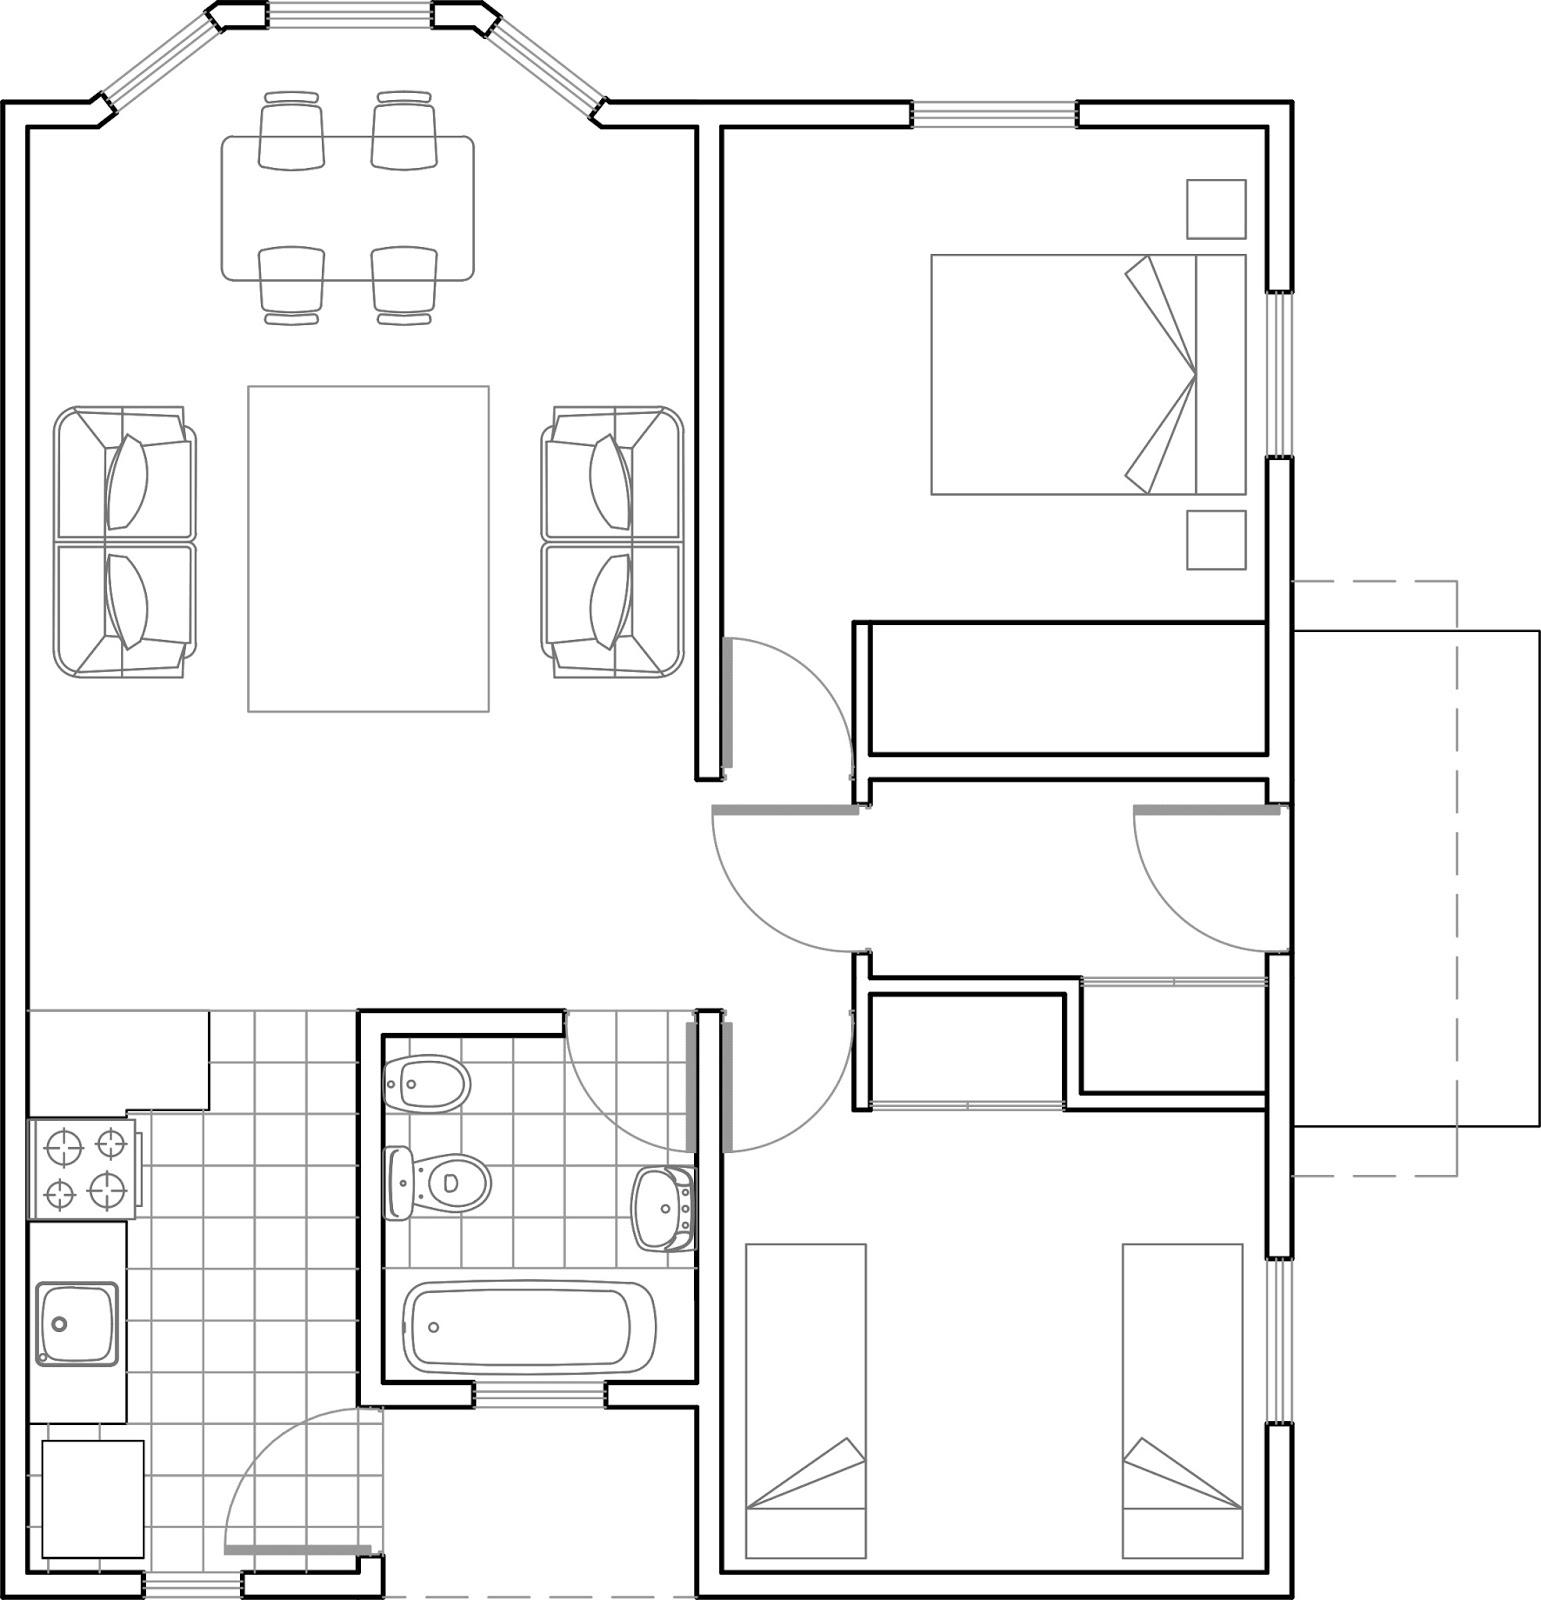 Arquitecturinga dar texturas a im genes y planos de for Planos de arquitectura pdf